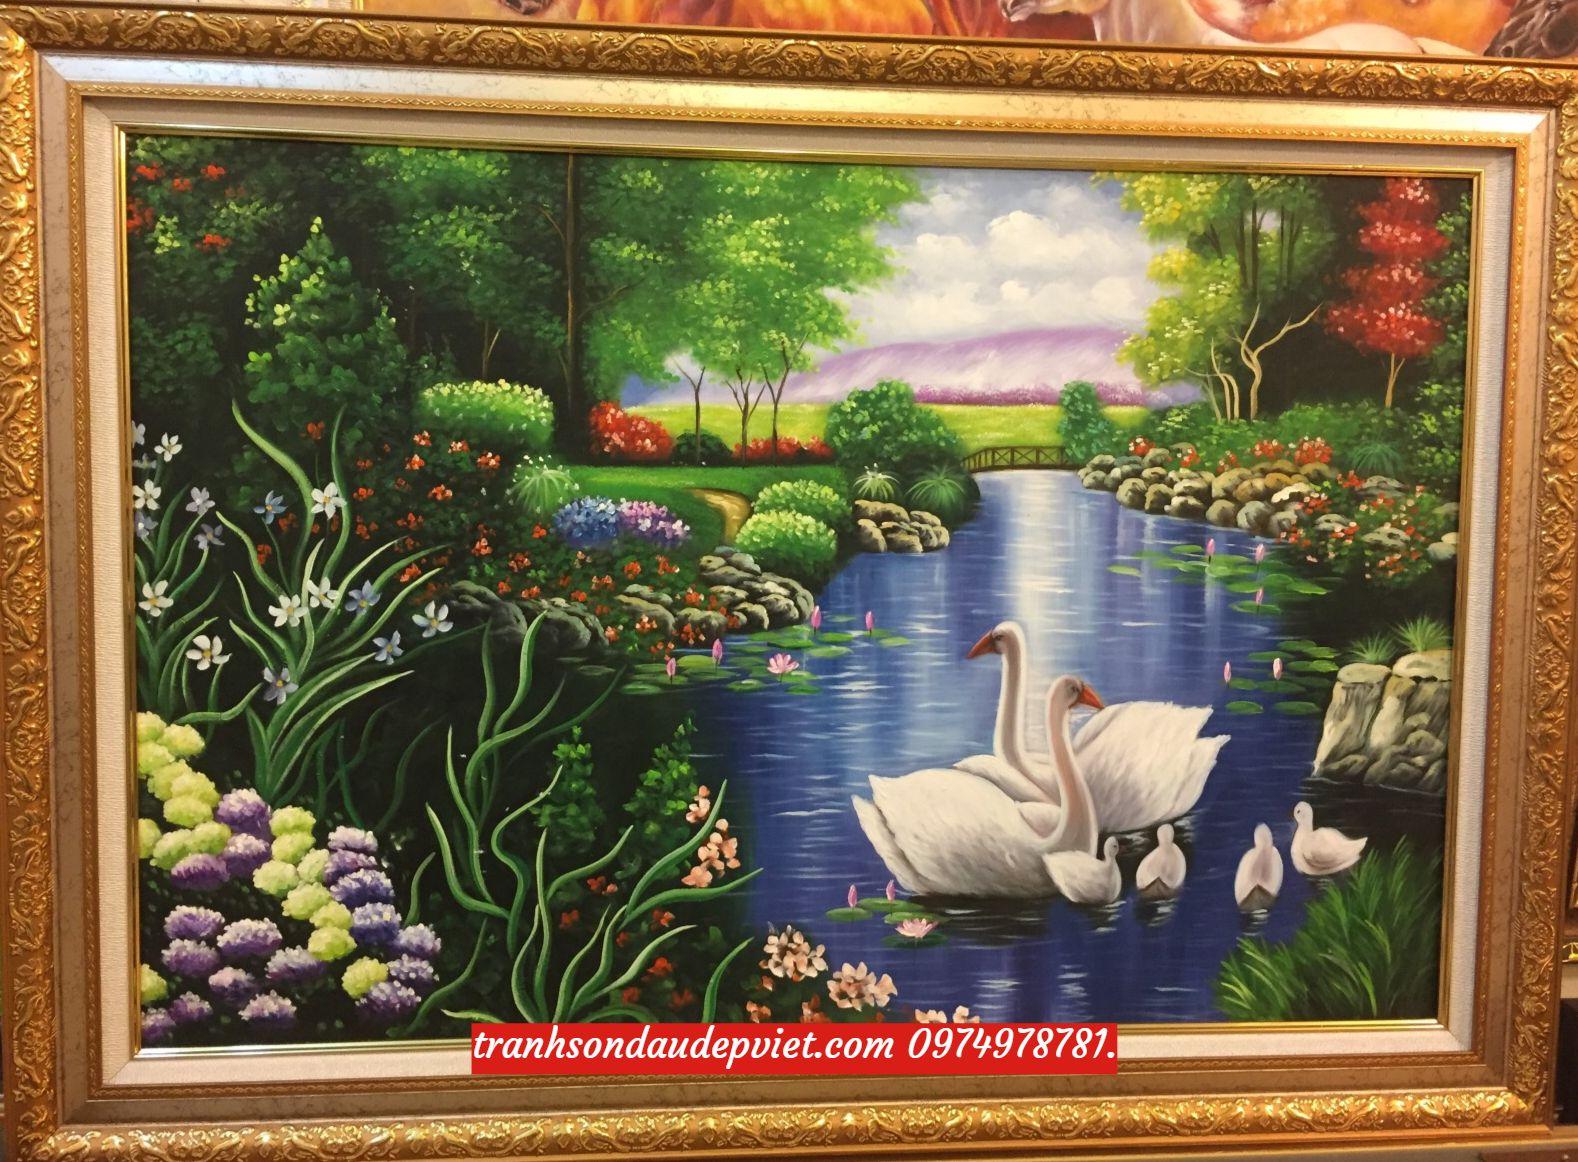 Tranh thiên nga tranh sơn dầu phong cảnh đôi thiên nga